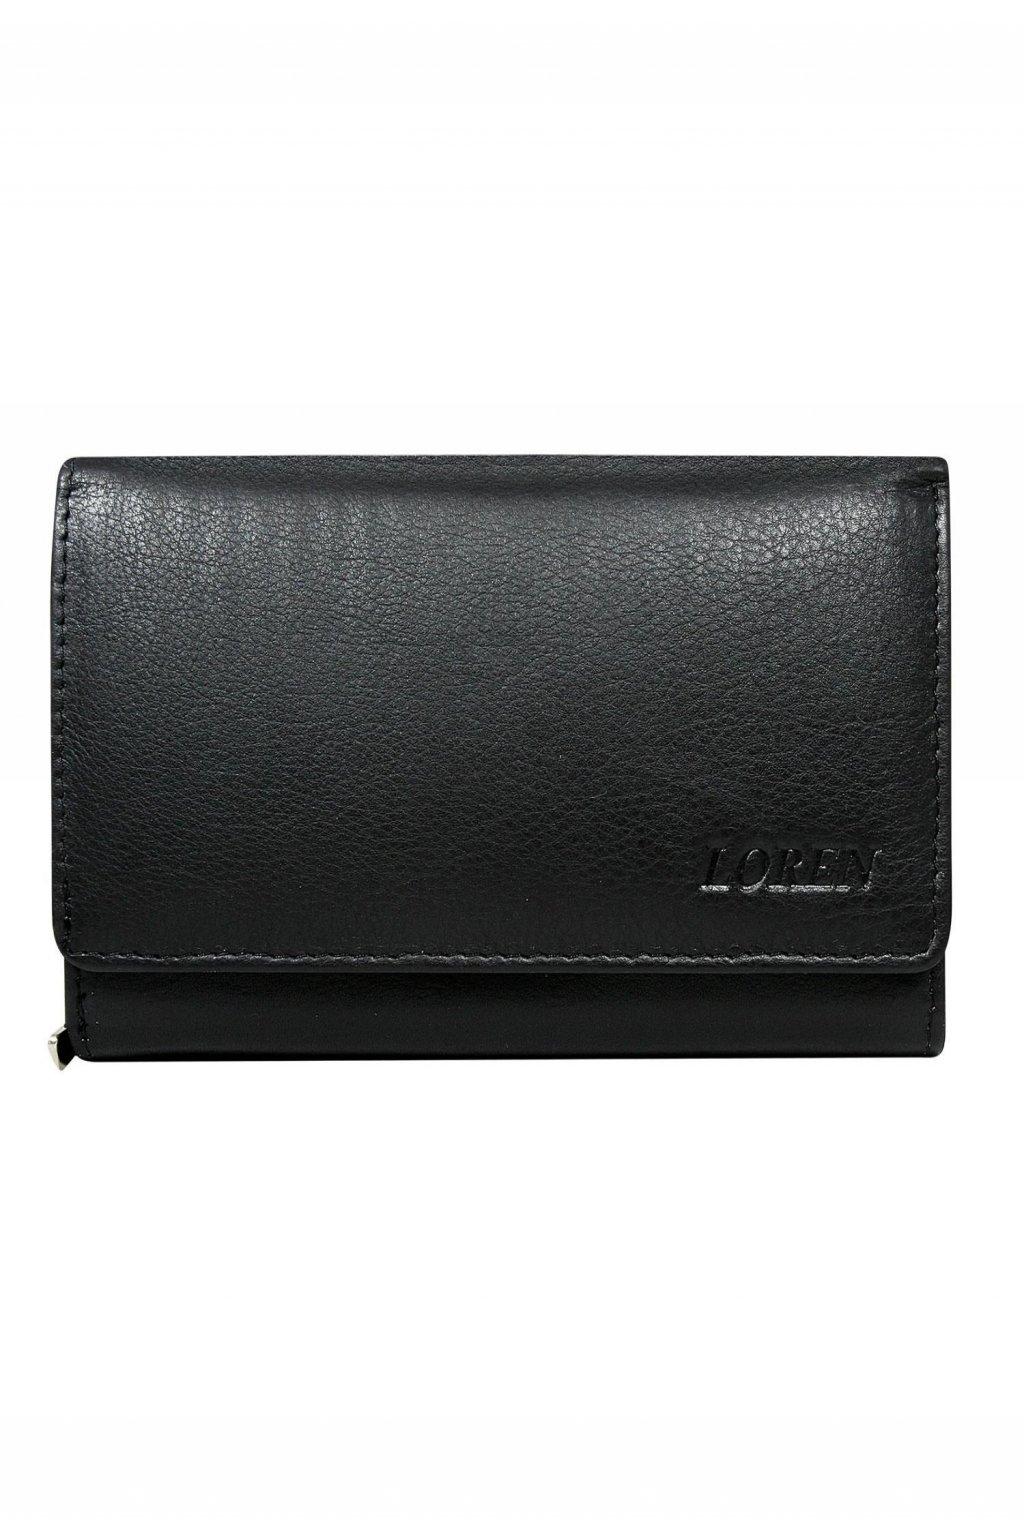 Černá dámská peněženka